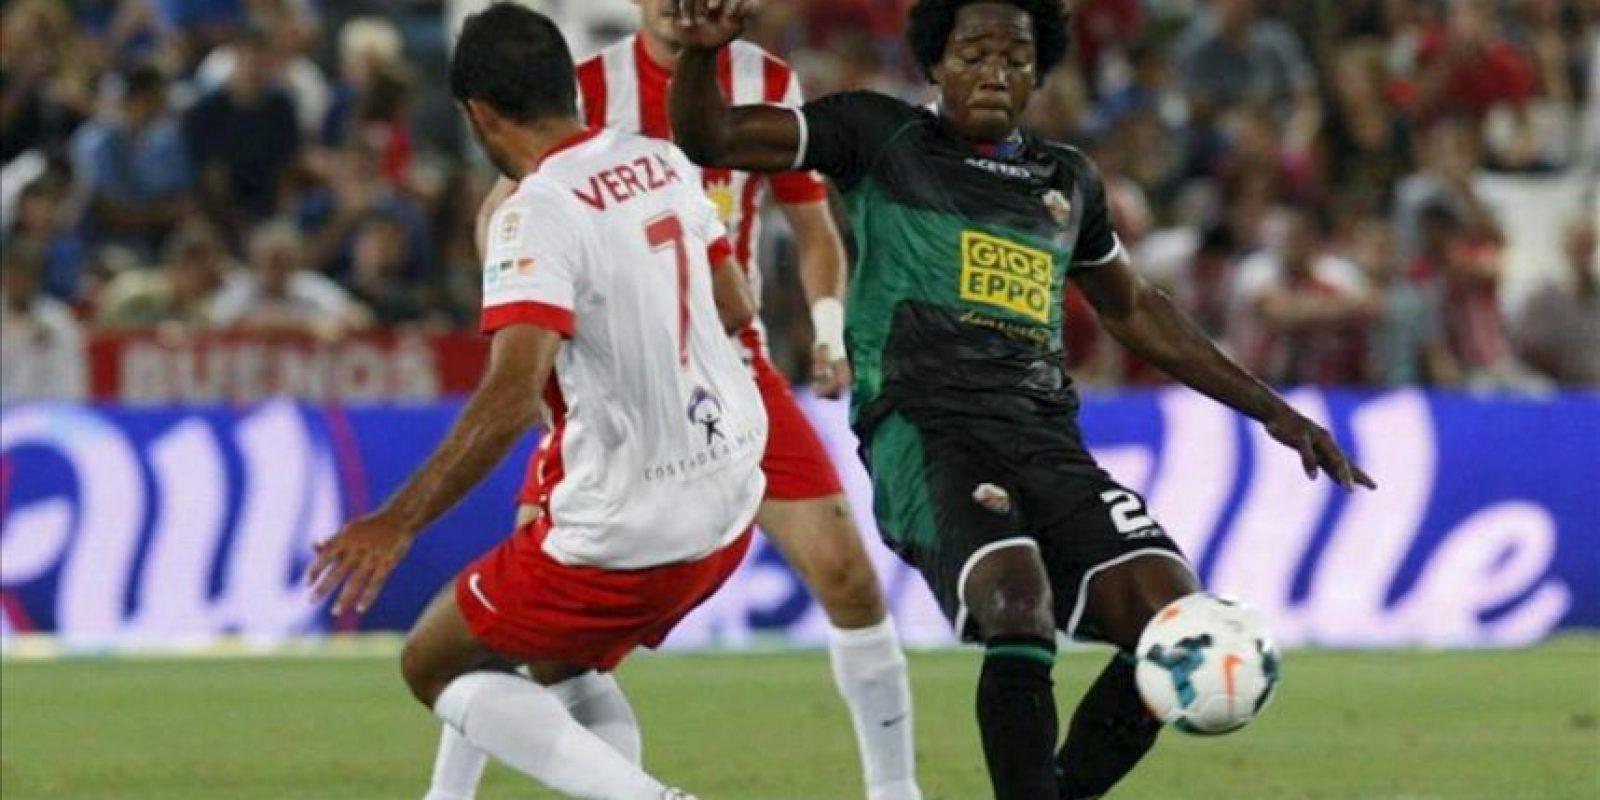 El centrocampista de la UD Almería, Verza (i), lucha el balón con Carlos Sánchez, del Elche CF, durante el partido, correspondiente a la tercera jornada de Liga en Primera División, que los dos equipos disputaron en el estadio de los Juegos Mediterráneos, en Almería. EFE